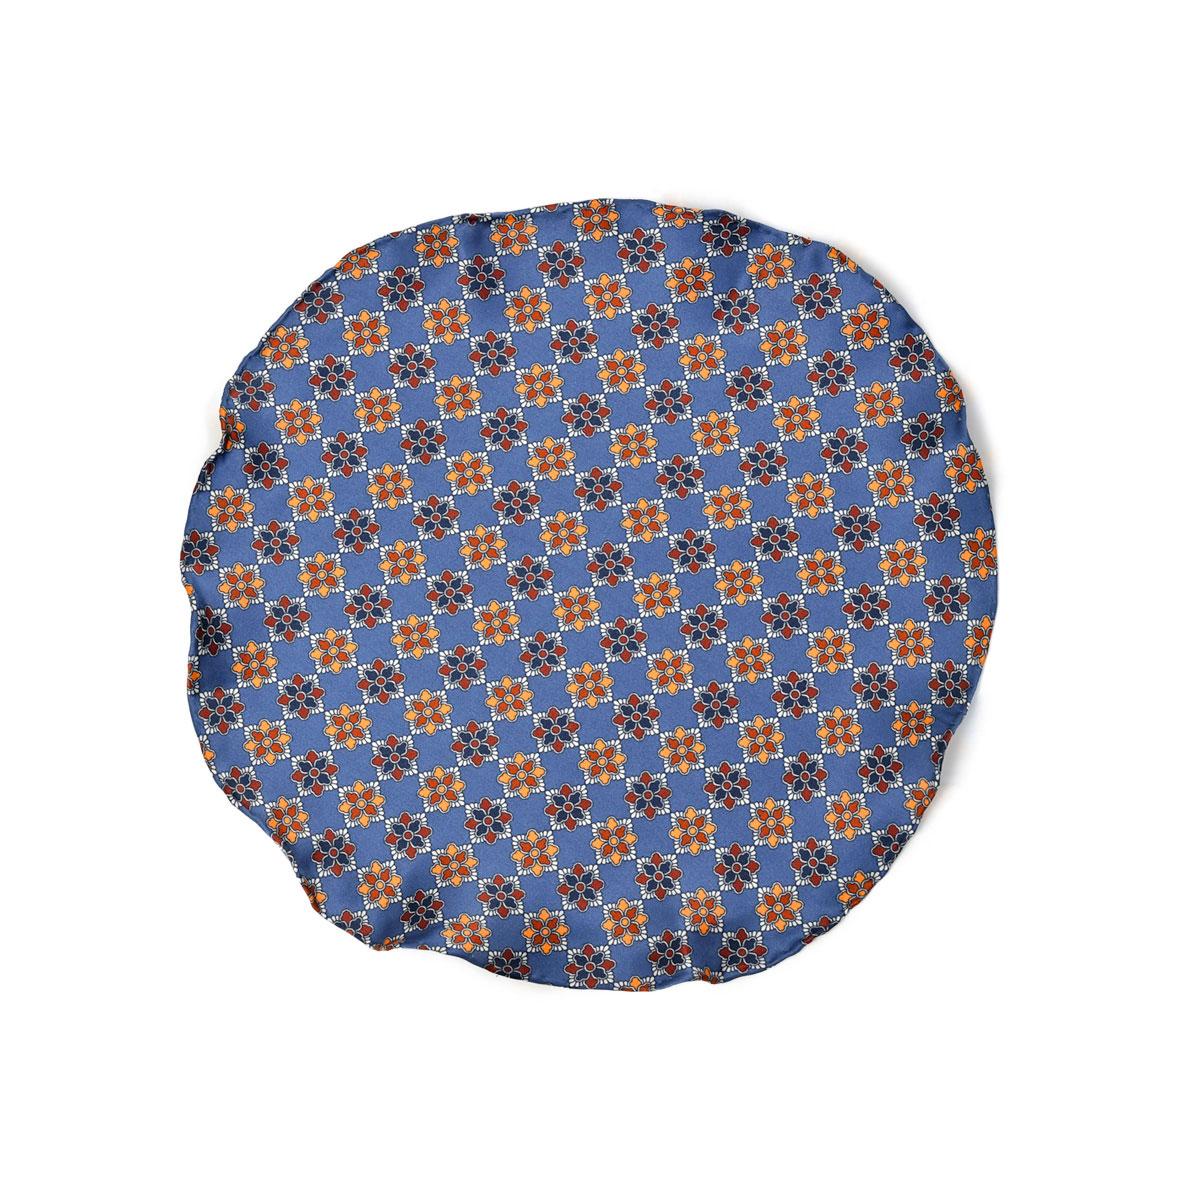 DOLCEPUNTA【ドルチェプンタ】ポケットチーフ 31×31 FAZZOLETTO-P2022 5 シルク 小紋 フラワー ブルー